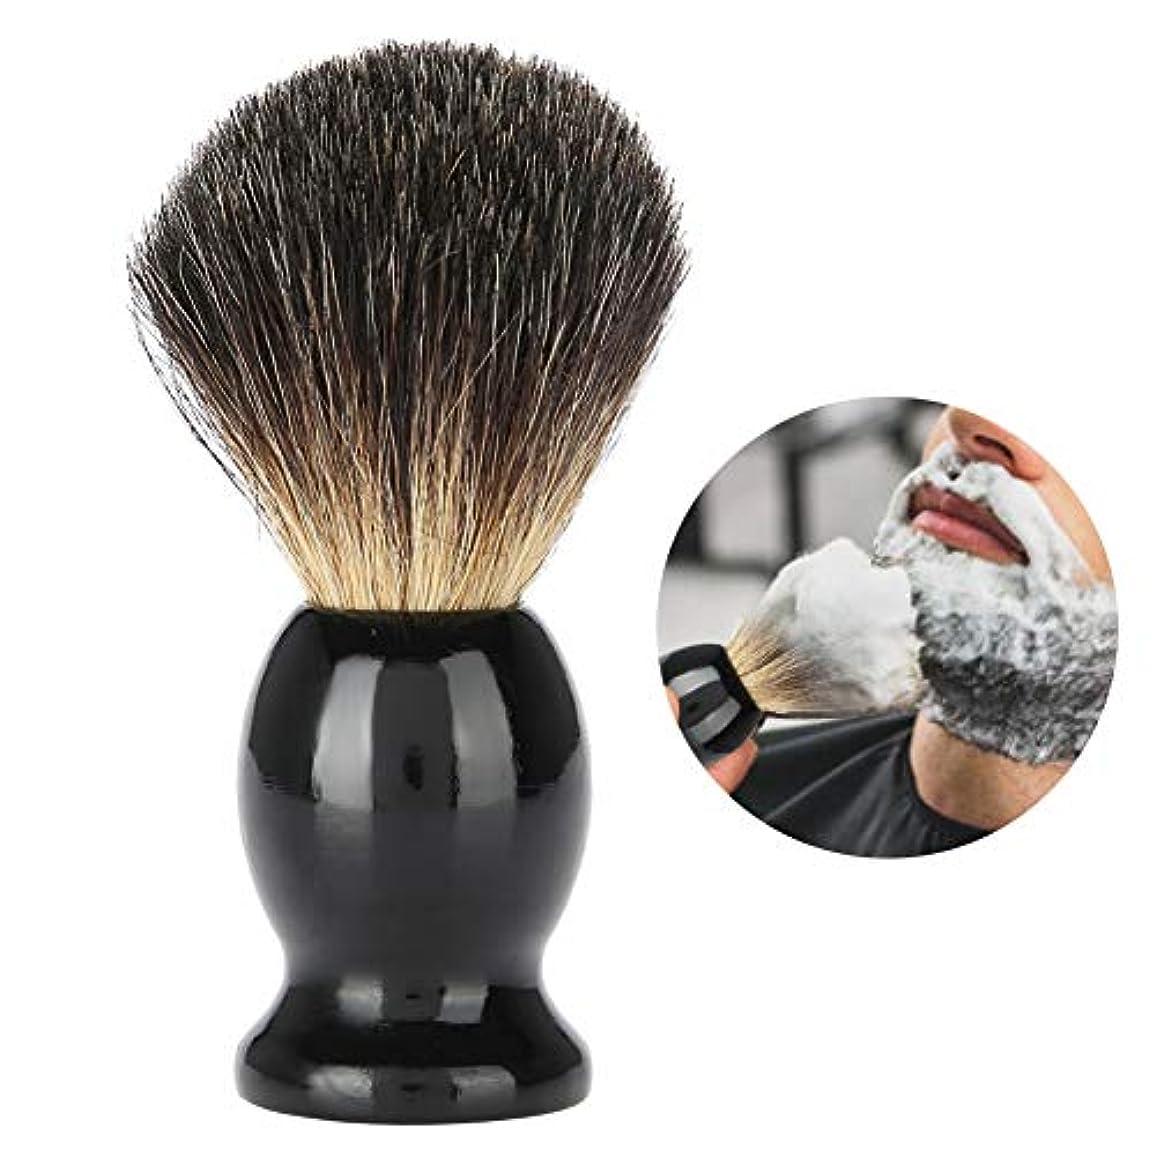 じゃがいも証人憂慮すべきYuyteポータブル男性ウッドハンドル髭剃りブラシ理髪店サロンツール